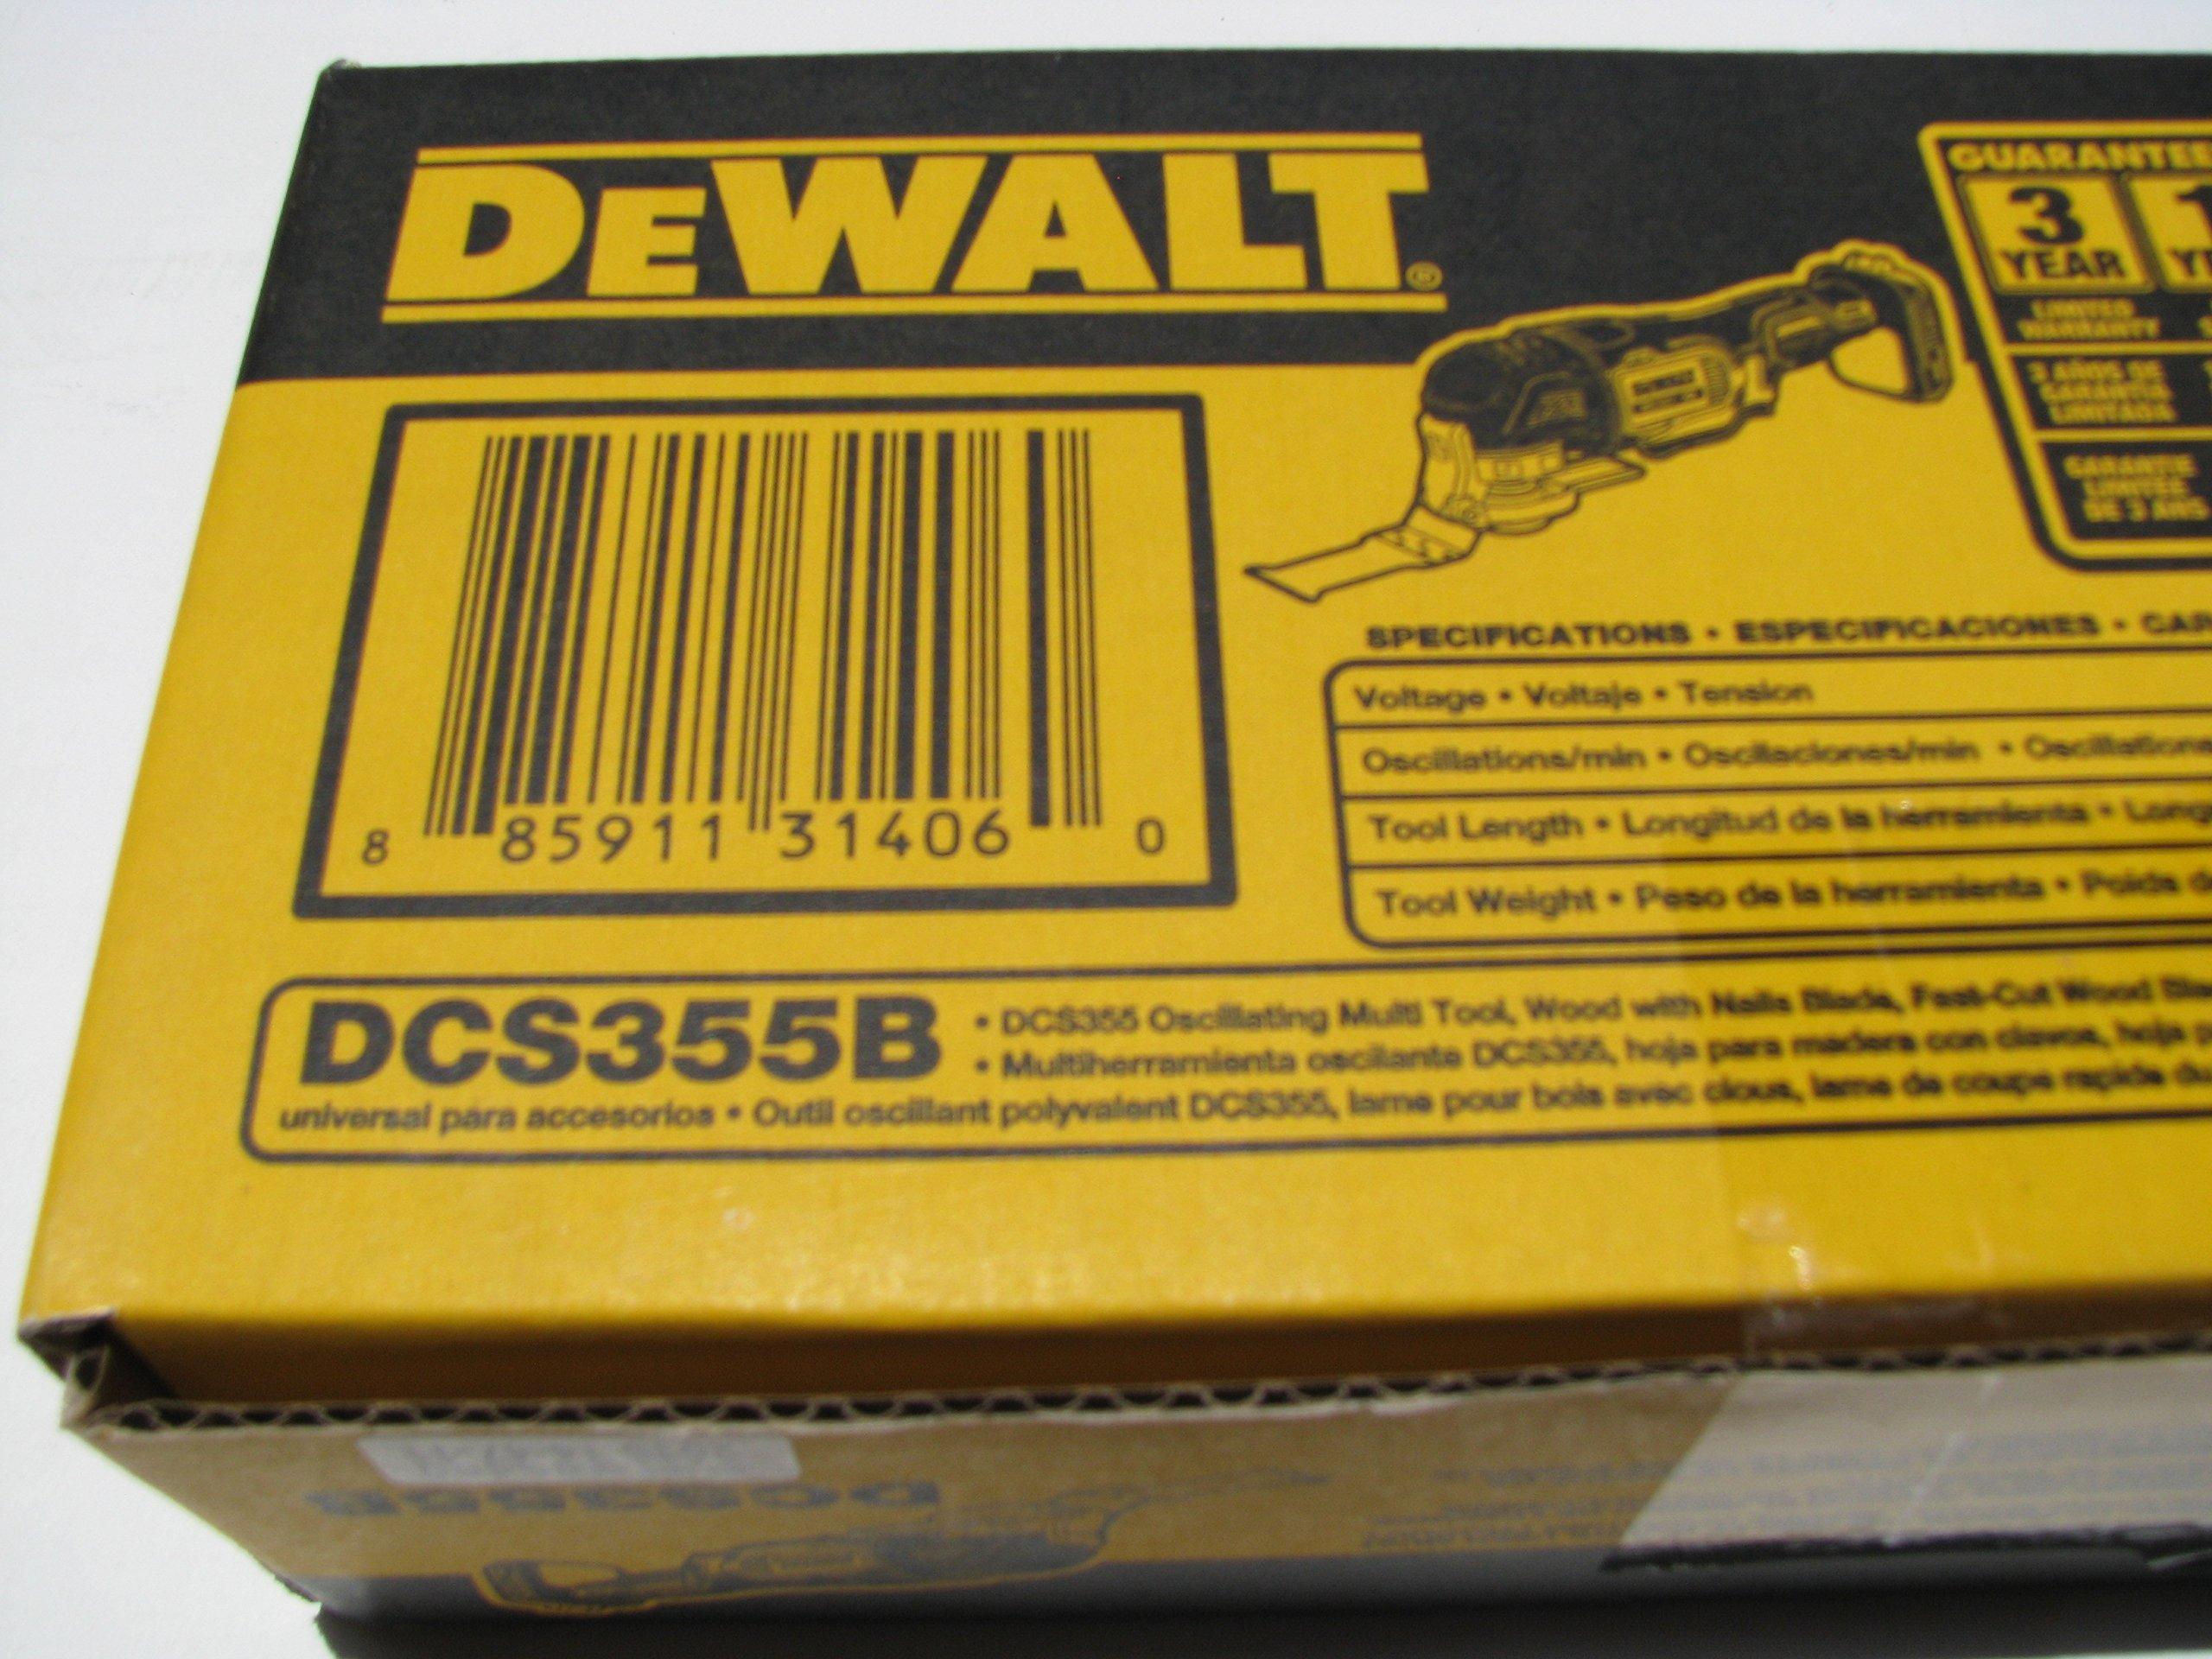 DEWALT DCS355B 20V XR Oscillating Multi-Tool by DEWALT